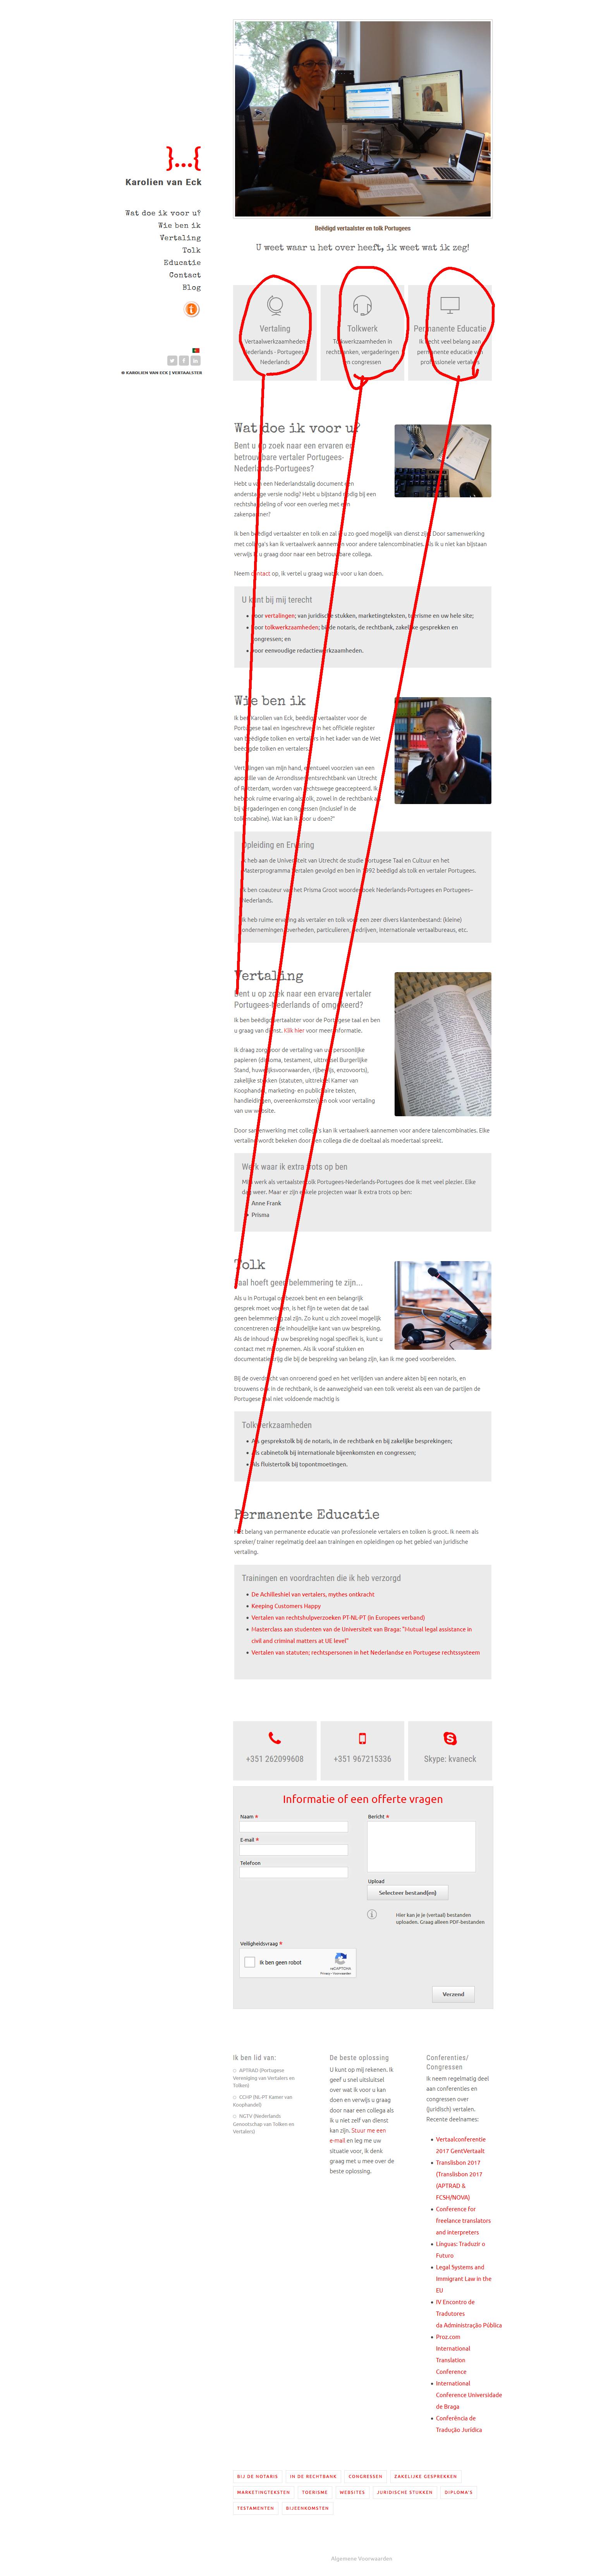 Screenshot_2020-01-06 Karolien van Eck Vertaalster.png